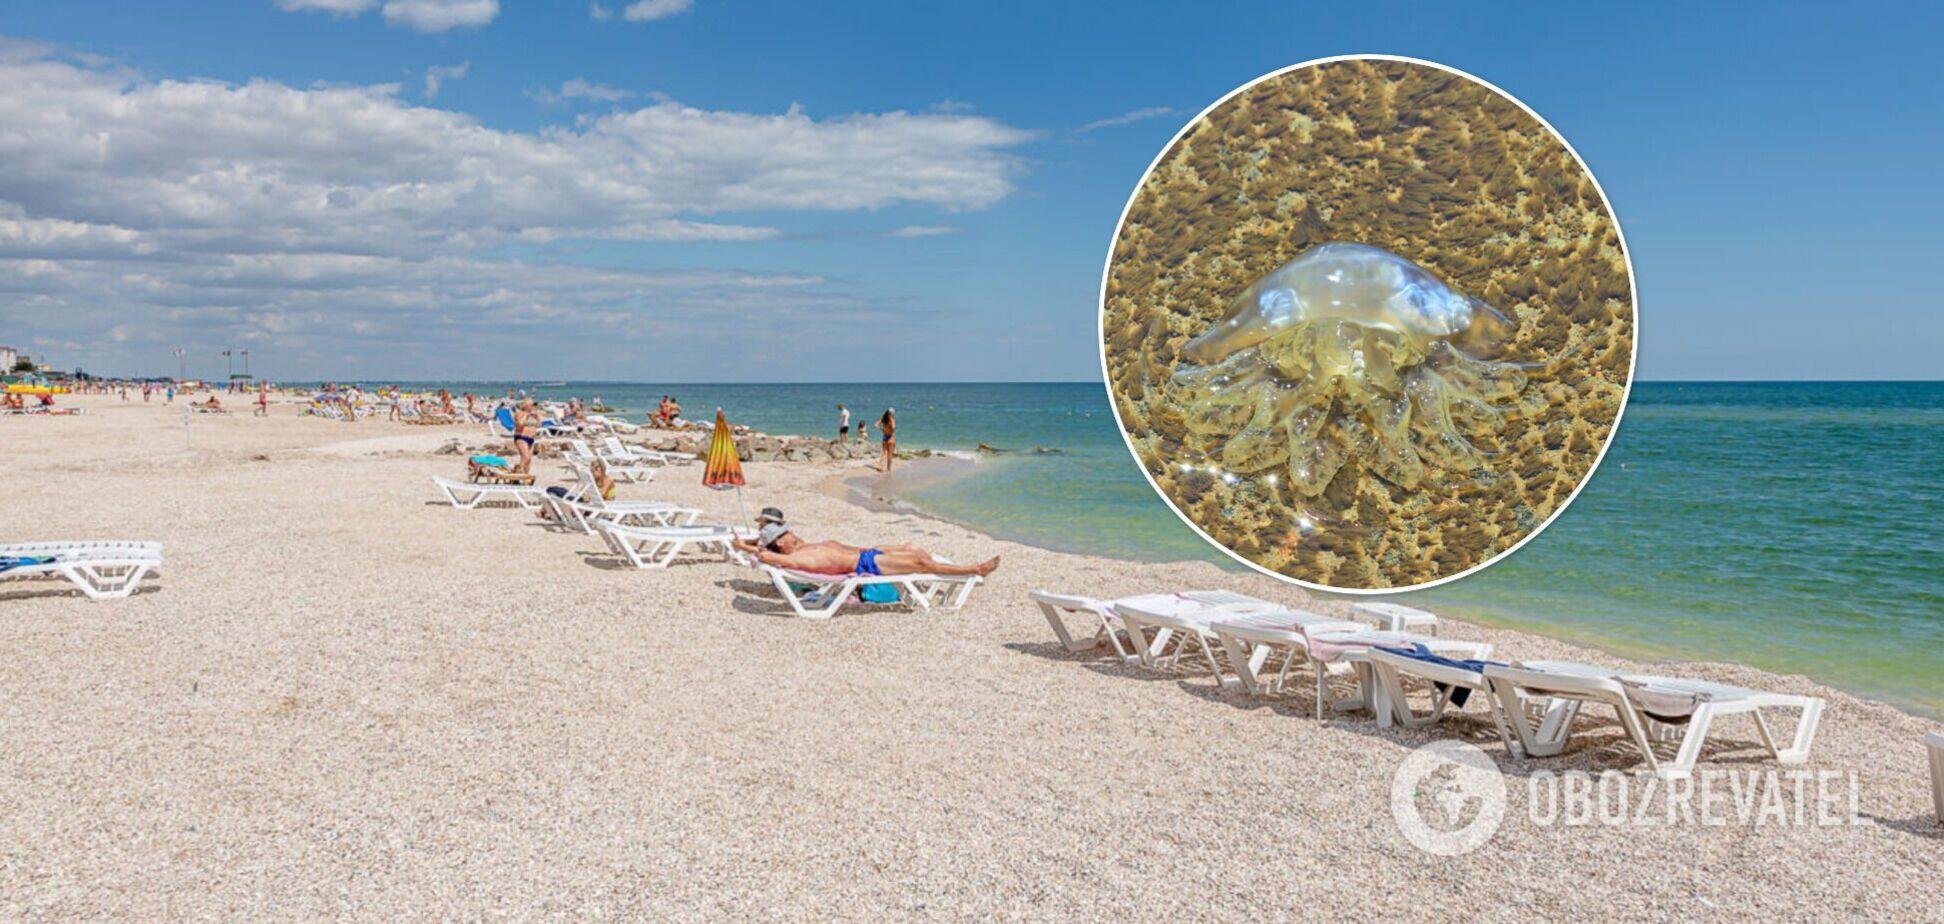 Турист – об отдыхе в Кирилловке: медузы жалят так, что дети пищат от боли. Видео